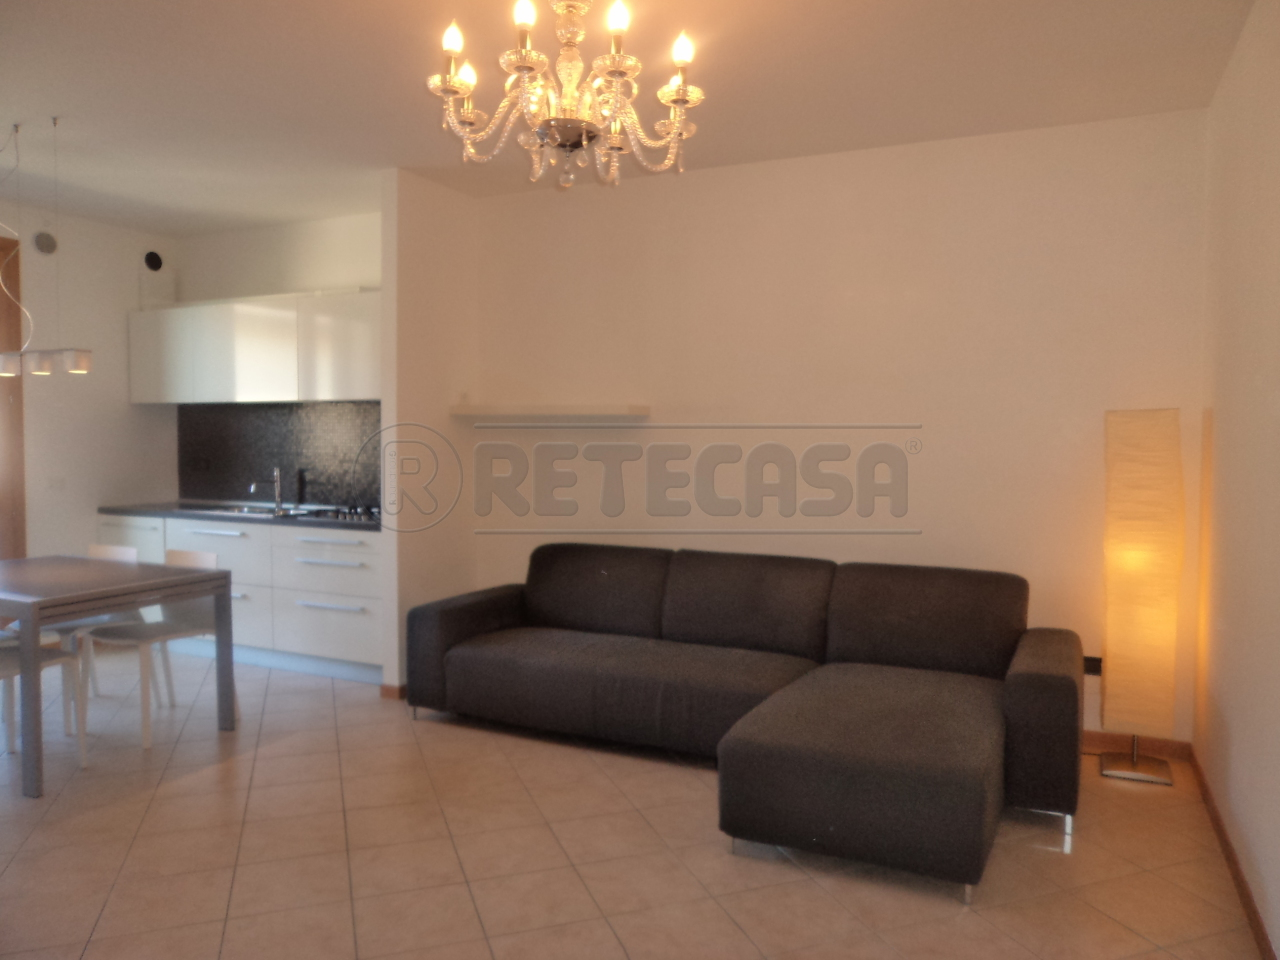 Appartamento in vendita a Villanova di Camposampiero, 9999 locali, prezzo € 100.000 | Cambio Casa.it